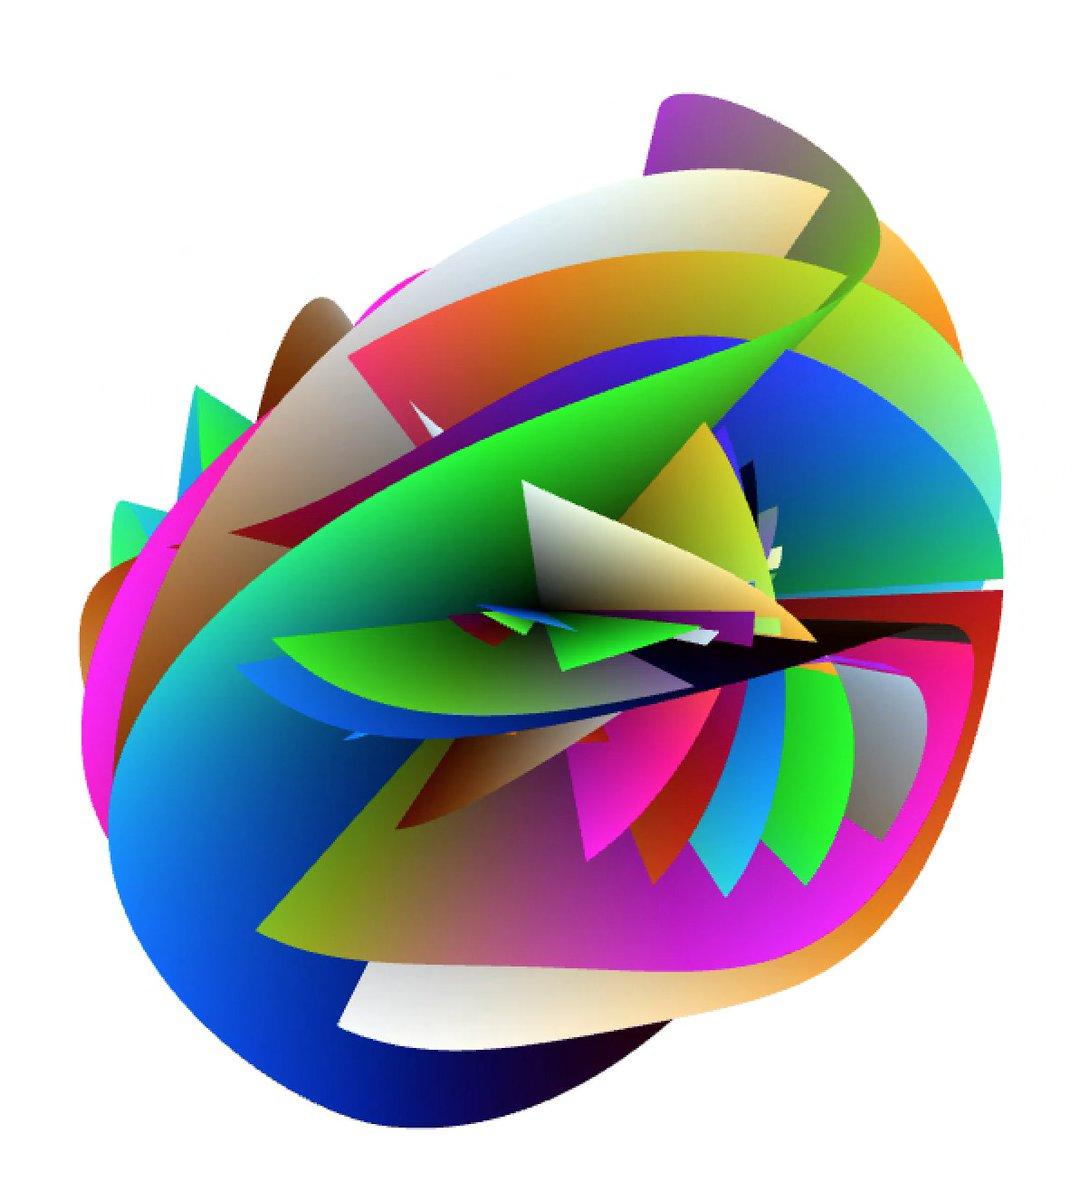 circle rotation